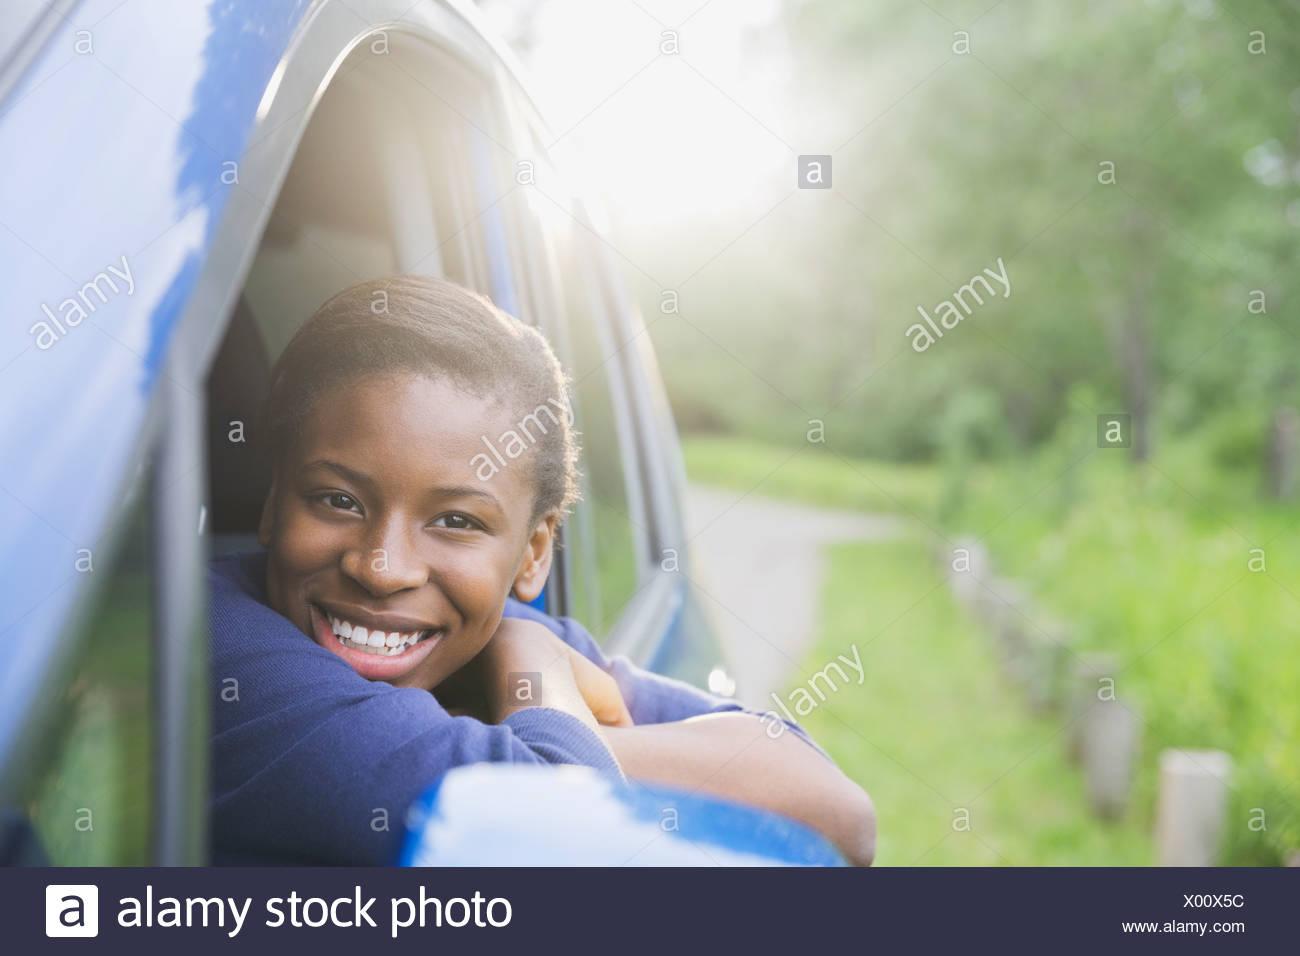 Lächelnde Teenager-Mädchen aus dem Autofenster Stockbild